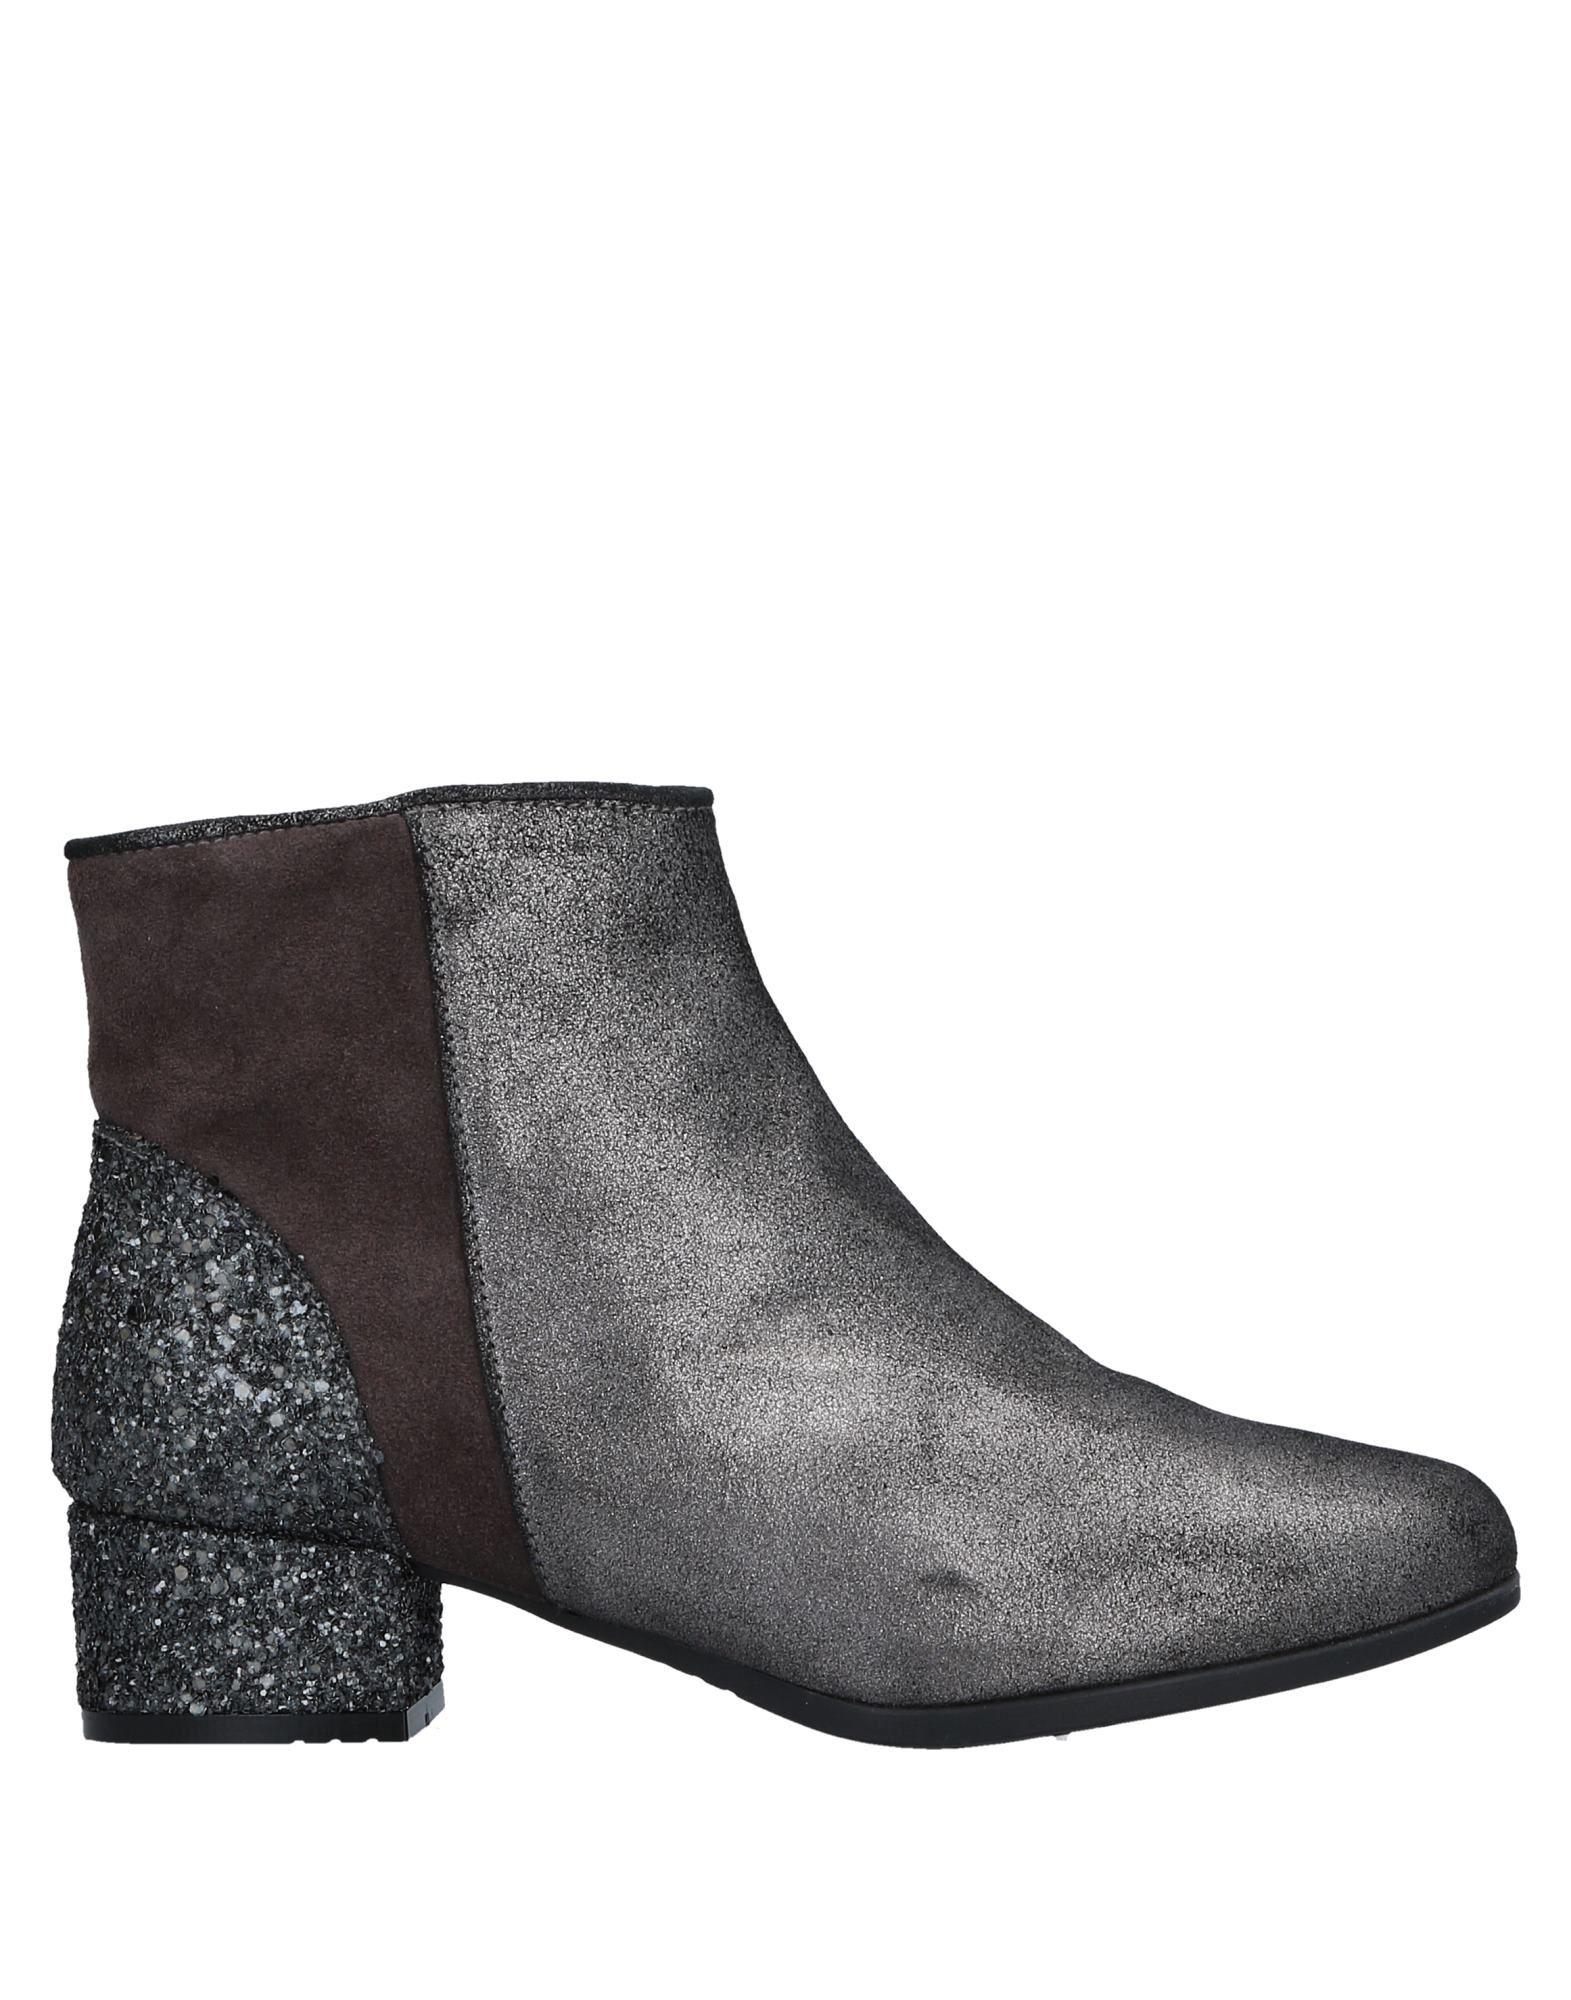 Espadrilles Qualität Stiefelette Damen  11533696VM Gute Qualität Espadrilles beliebte Schuhe 1f4a15